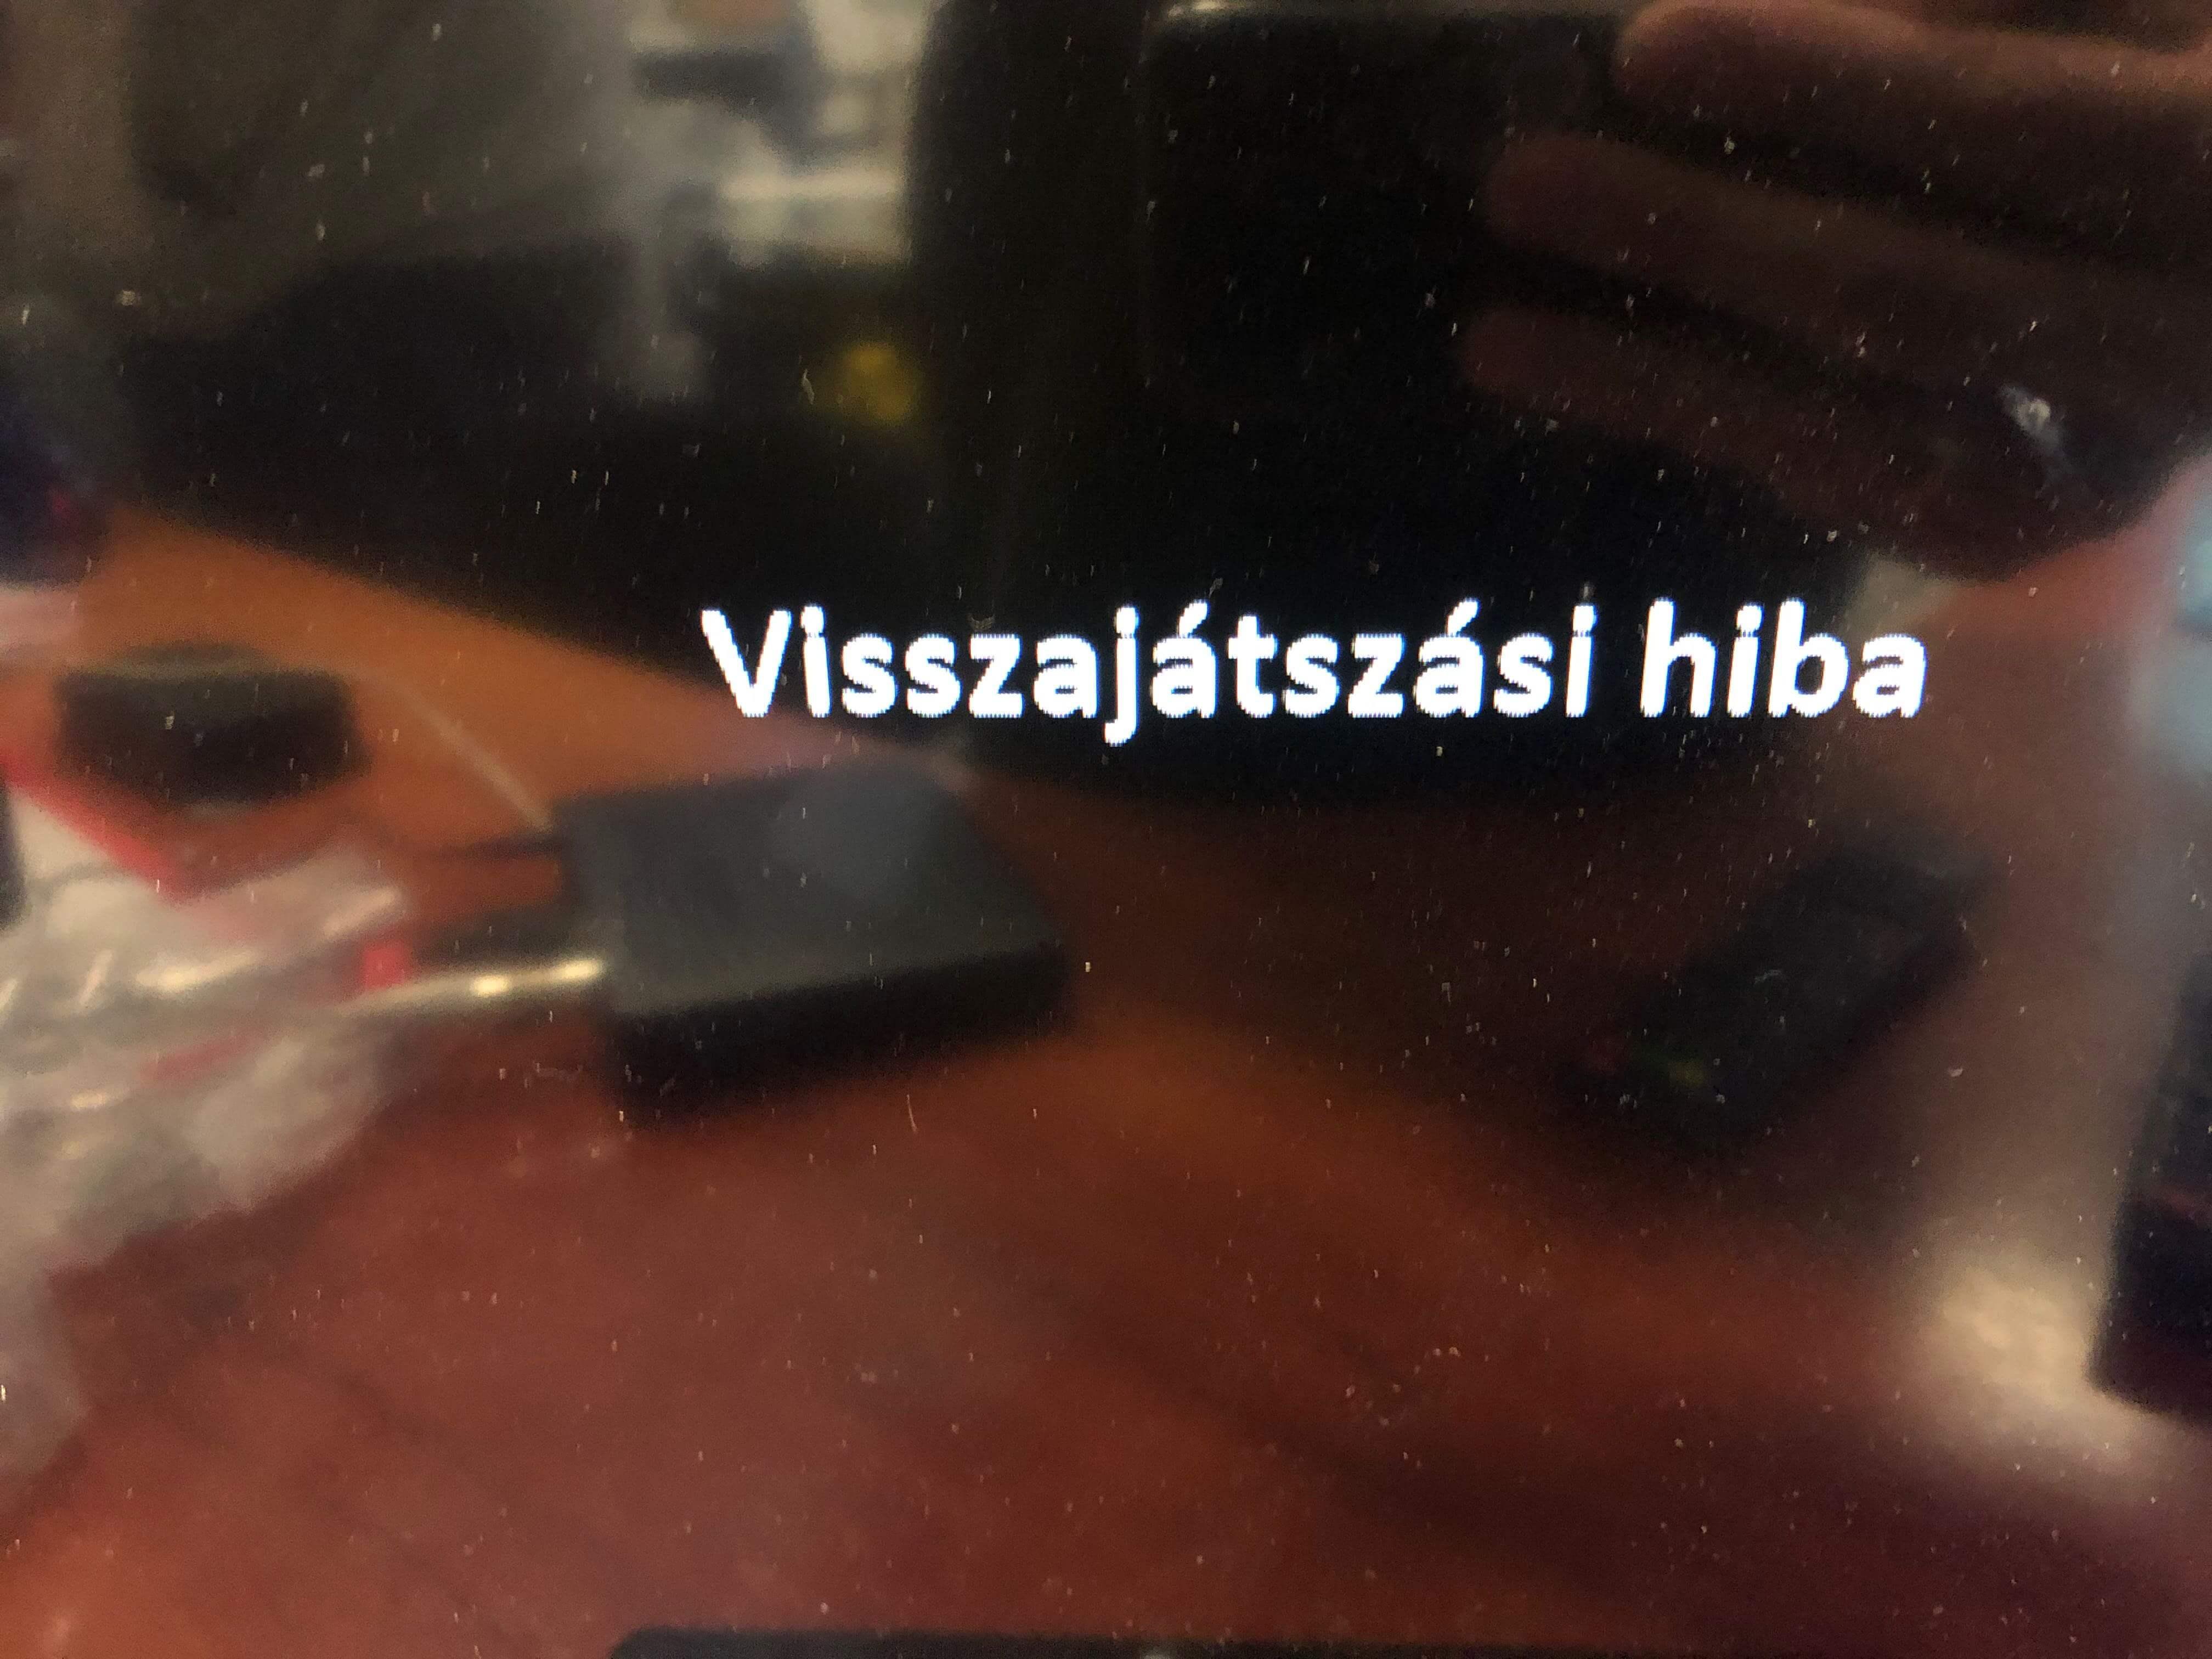 Mindig TV beltéri egység hibaüzenete gyenge jel esetén